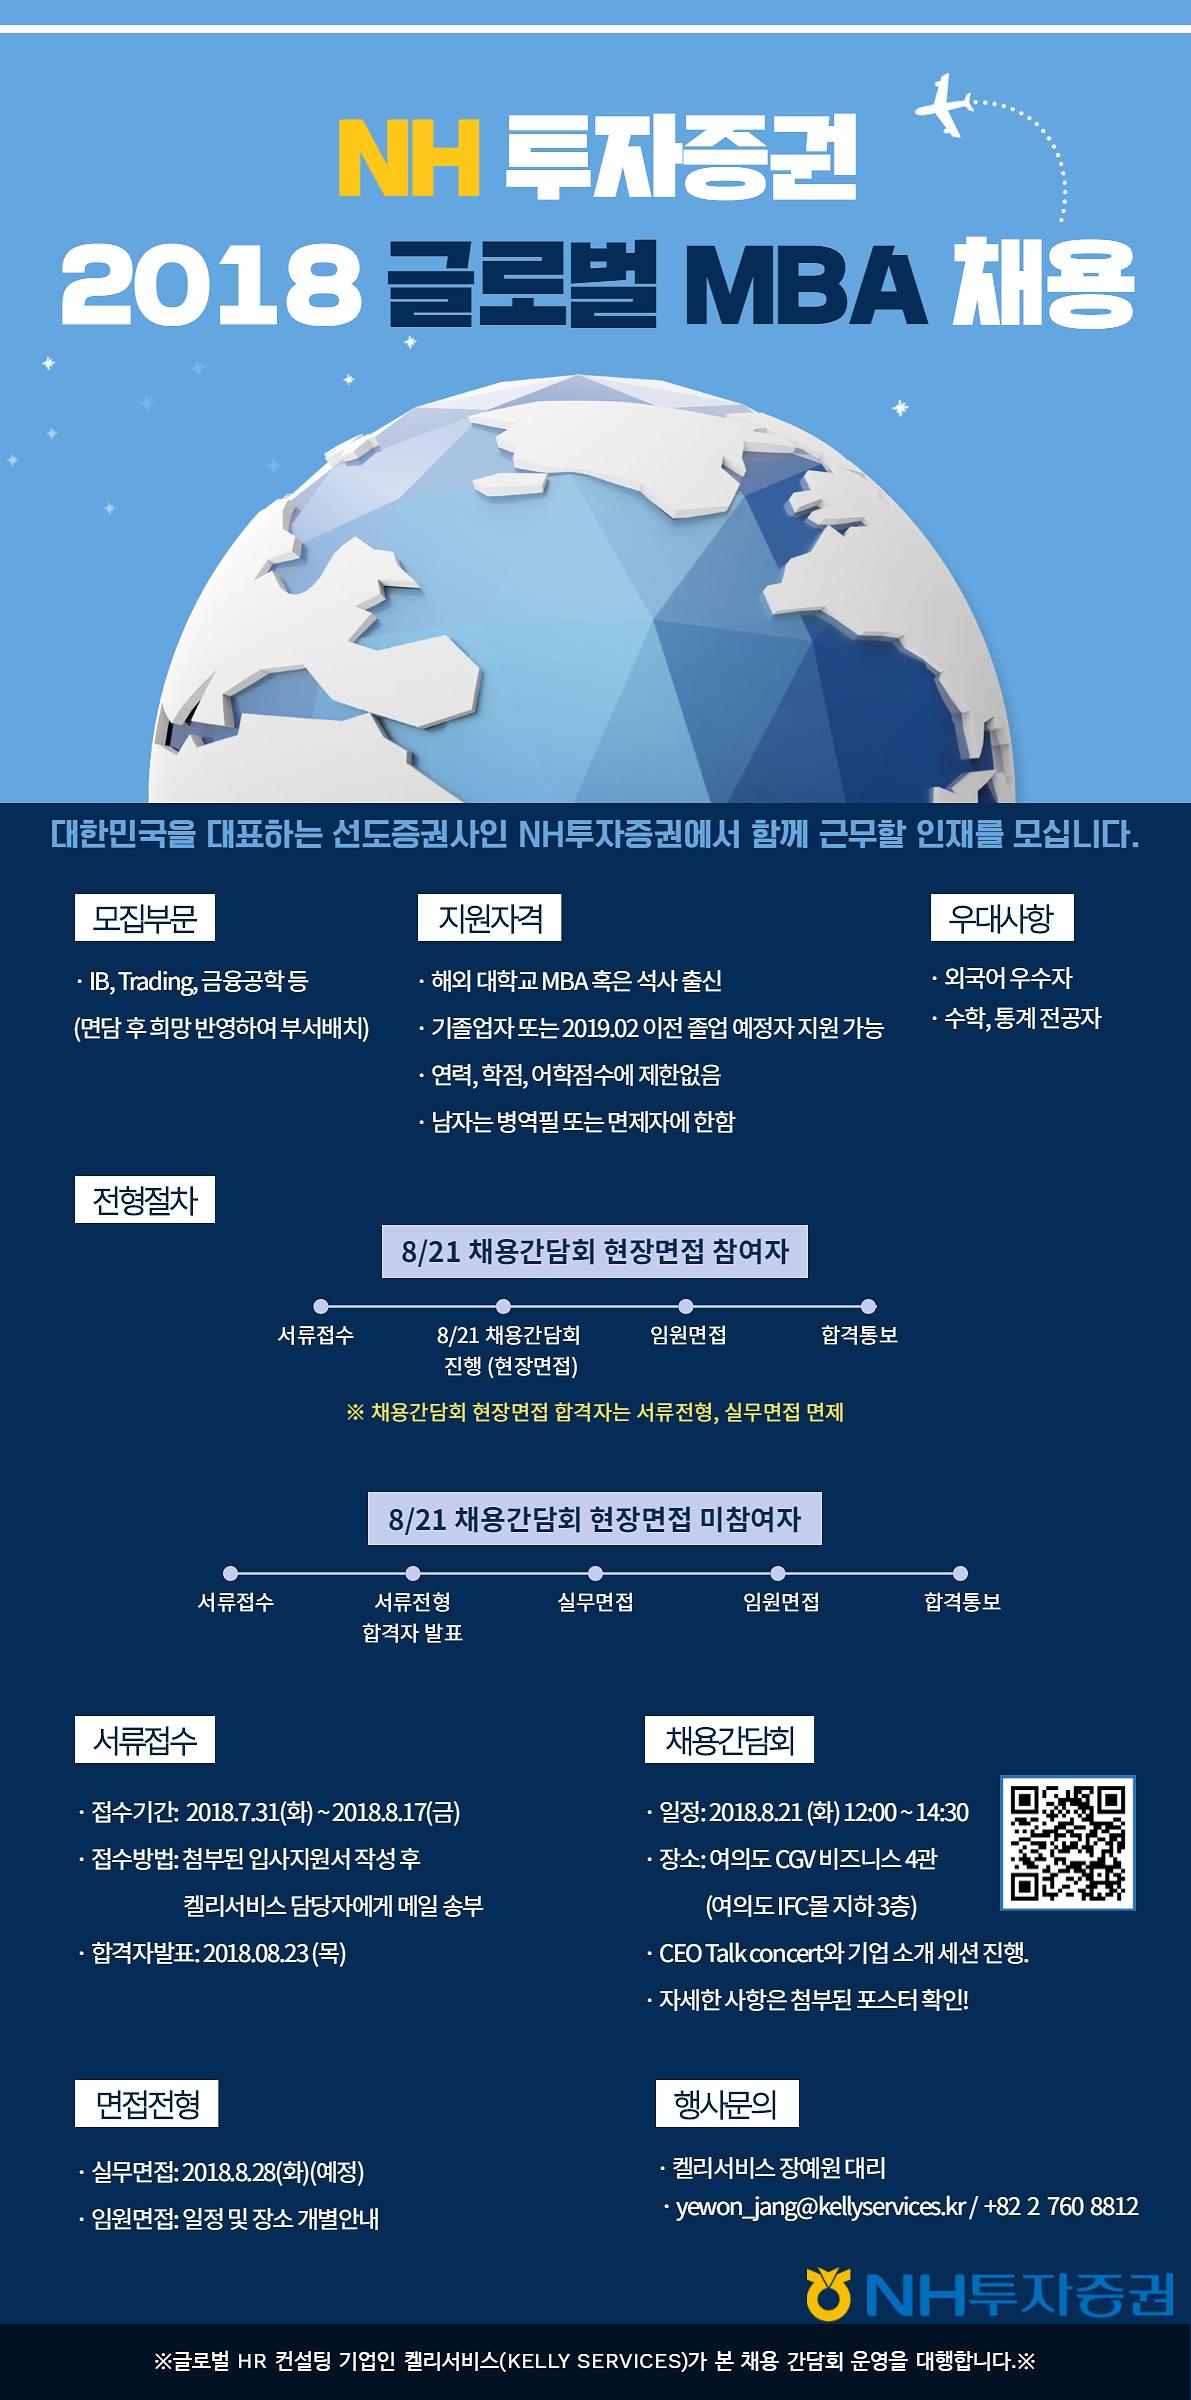 NH투자증권_글로벌MBA채용 (1).jpg